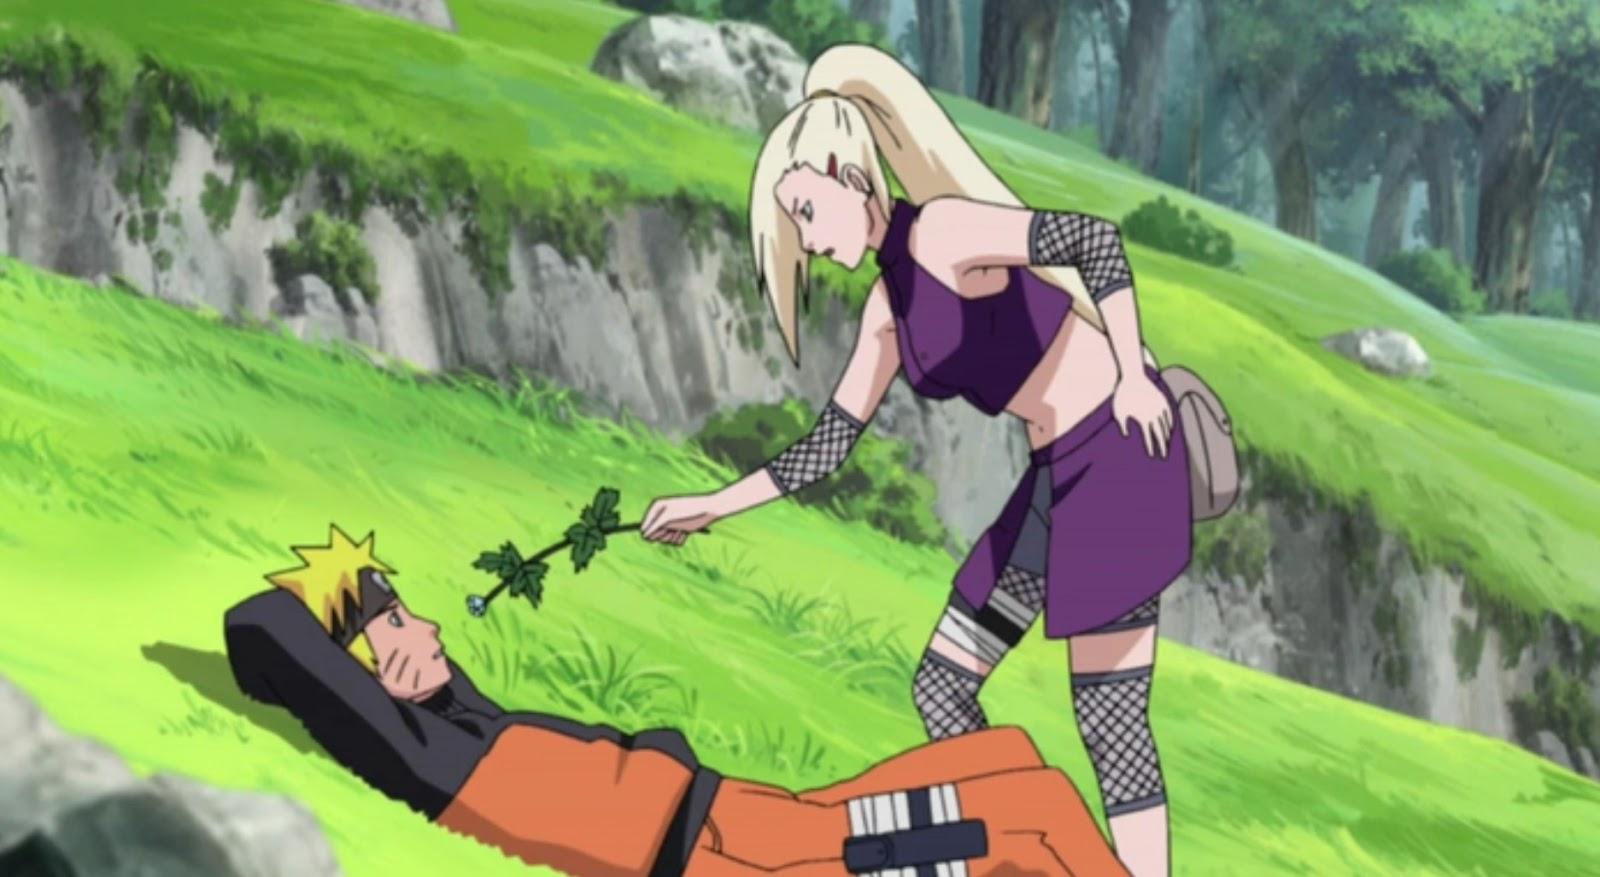 Naruto Shippuden Episódio 224, Assistir Naruto Shippuden Episódio 224, Assistir Naruto Shippuden Todos os Episódios Legendado, Naruto Shippuden episódio 224,HD